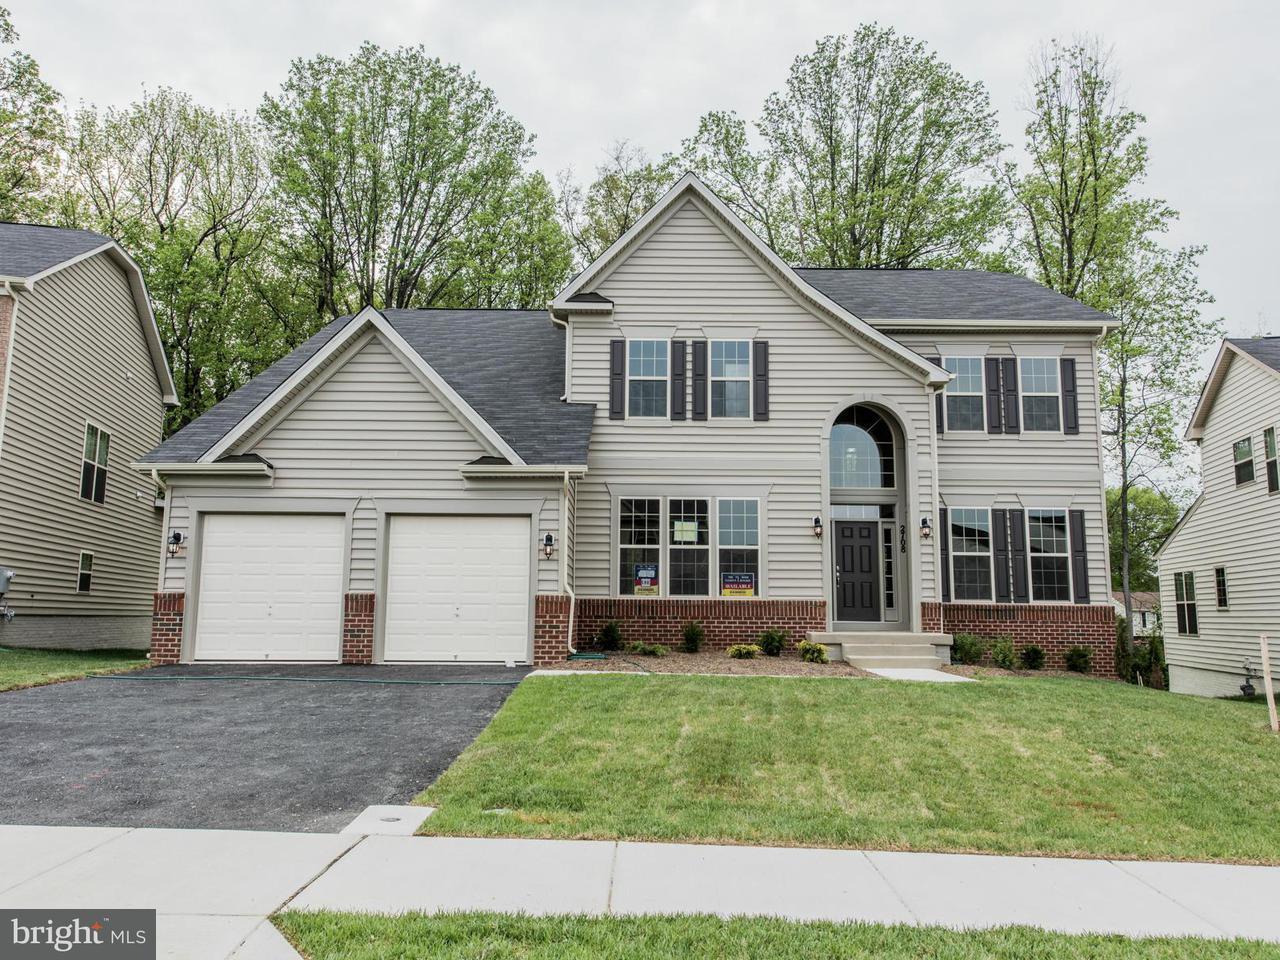 Частный односемейный дом для того Продажа на 2408 ST. NICHOLAS WAY 2408 ST. NICHOLAS WAY Glenarden, Мэриленд 20706 Соединенные Штаты